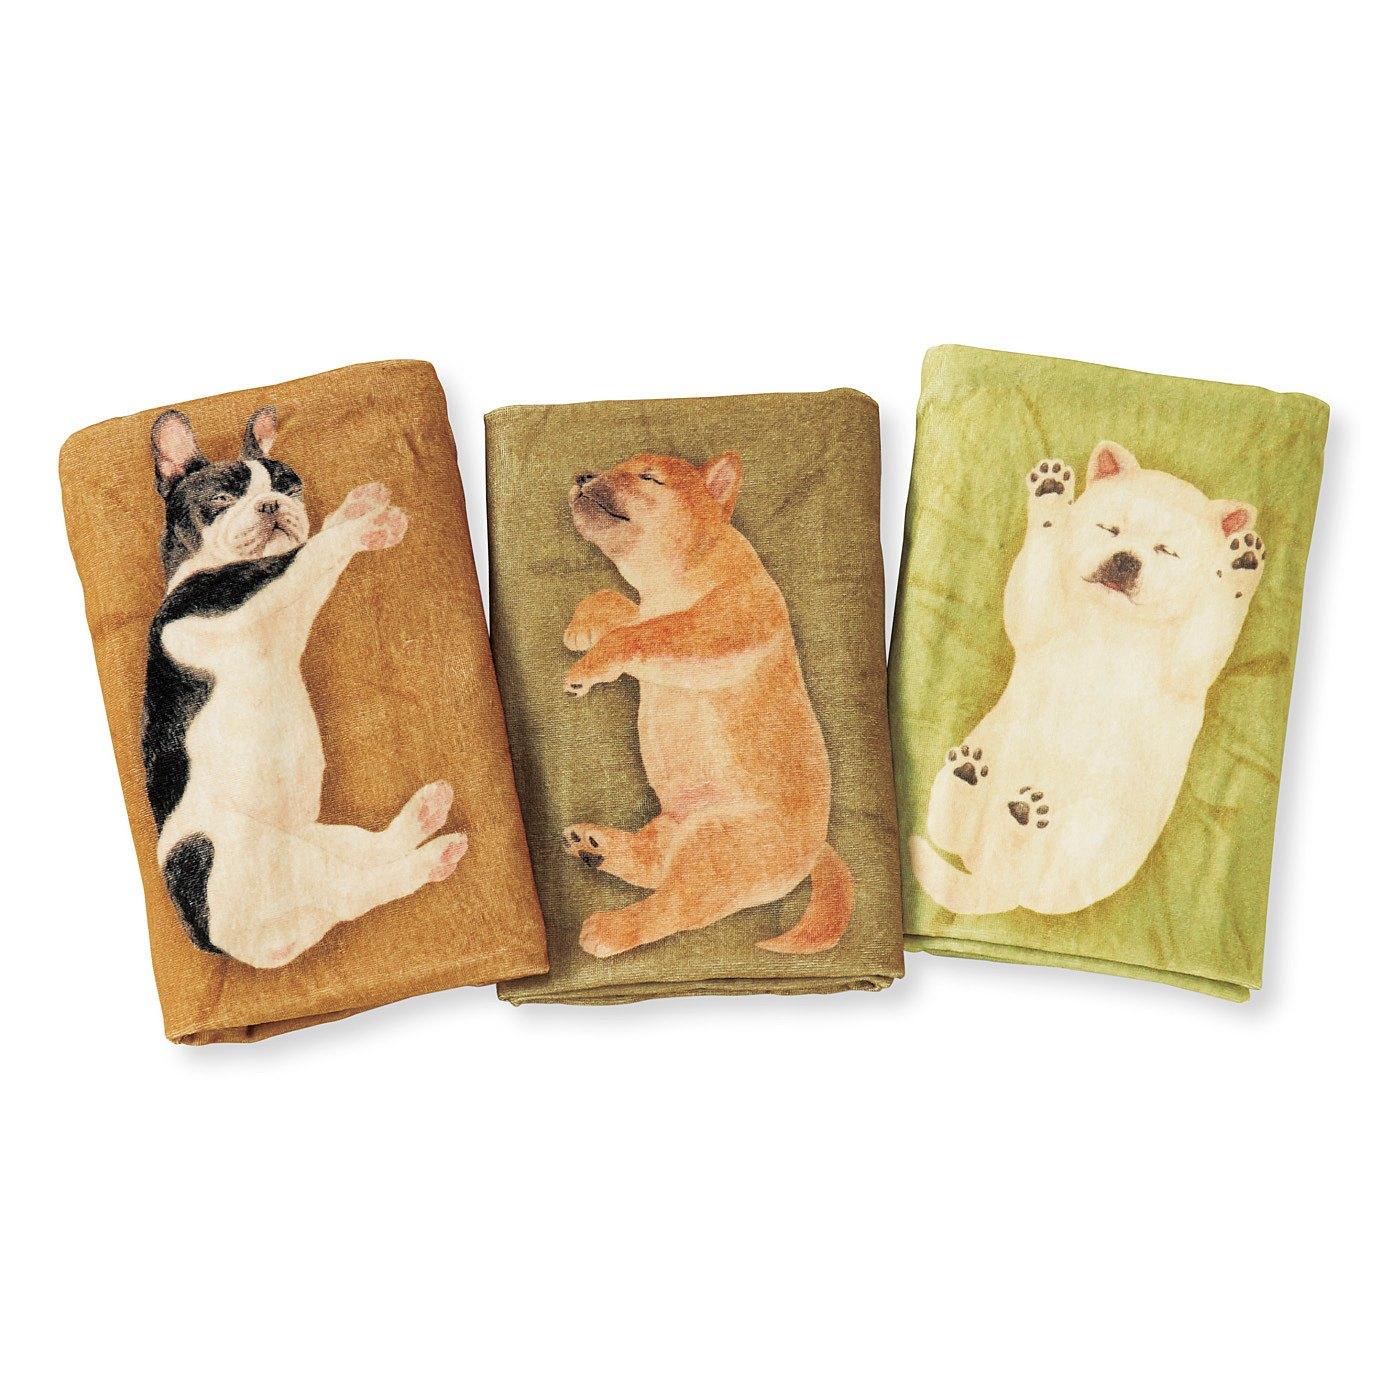 左から、フレンチブルドッグ、柴犬、紀州犬